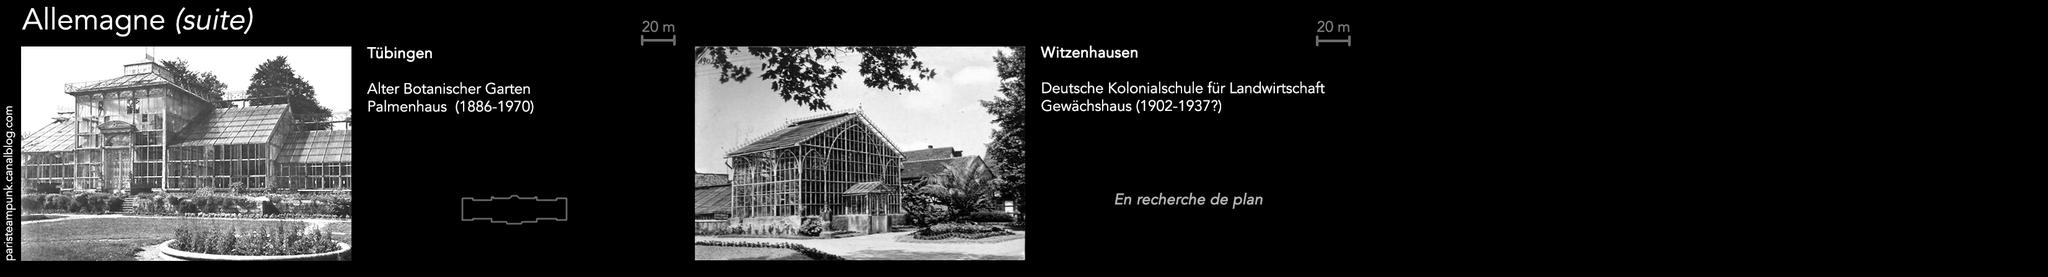 SC_Allemagne03